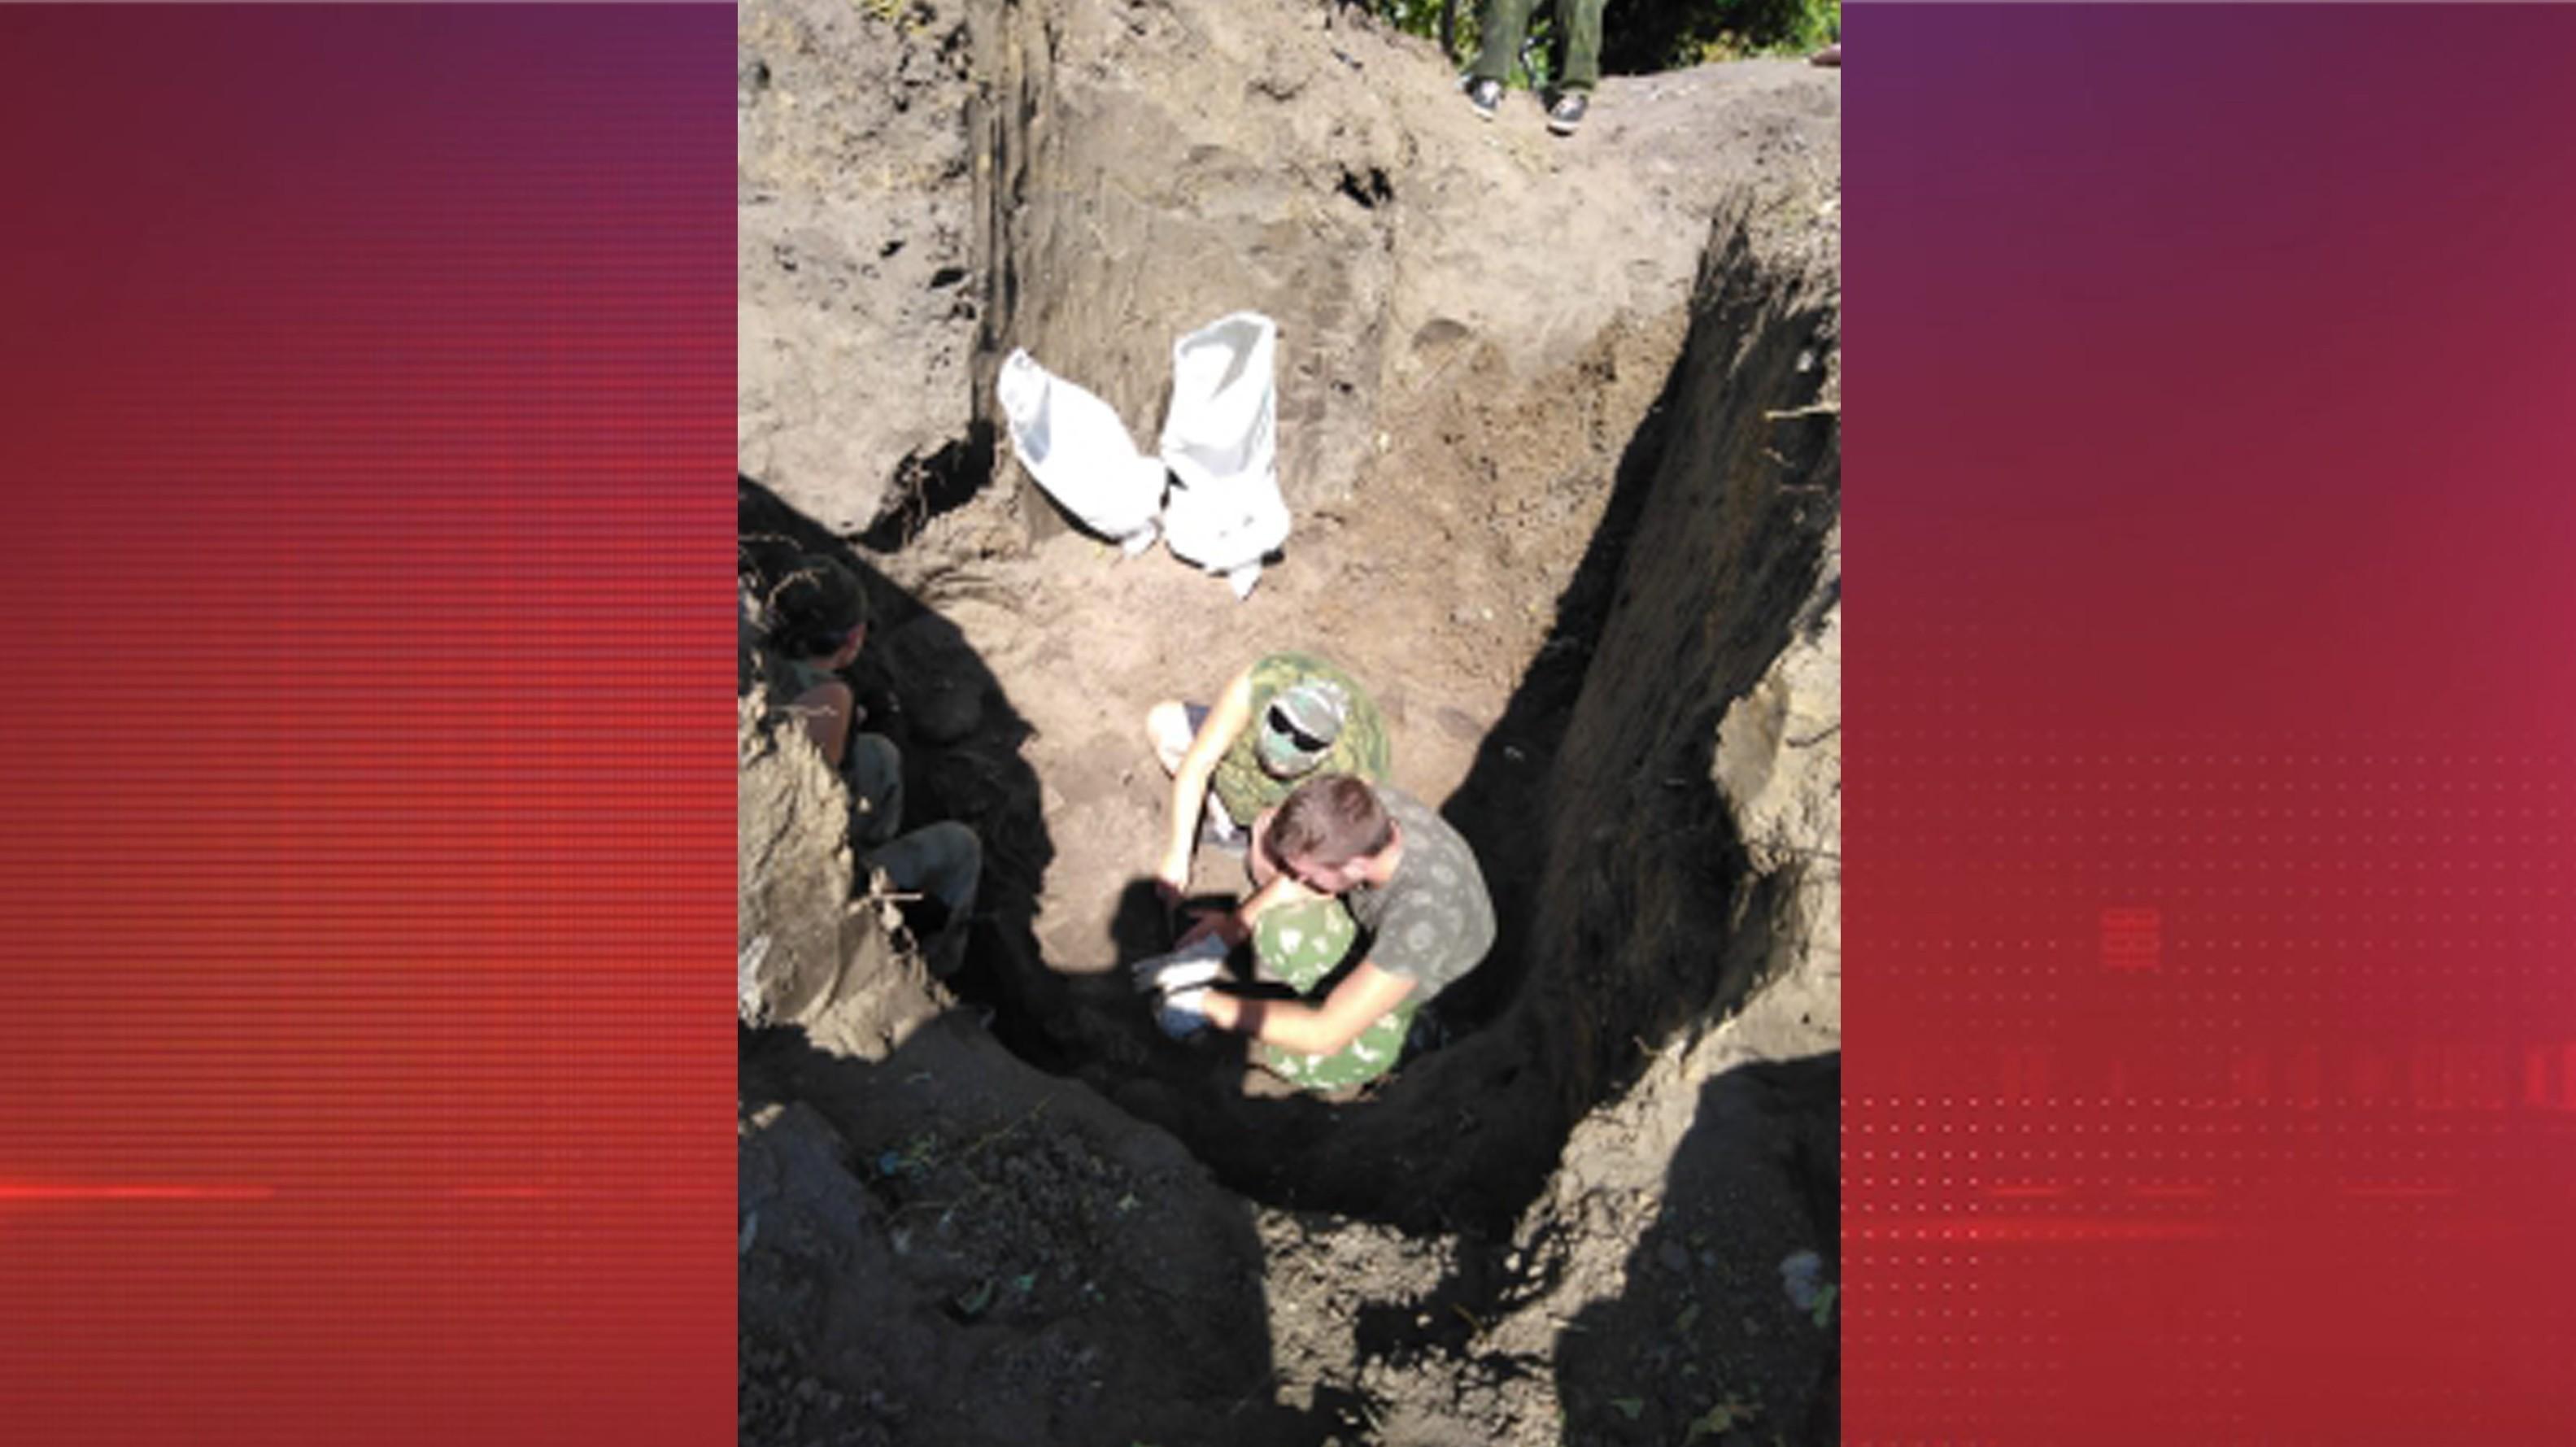 Массовое захоронение не менее 29 человек найдено в Курске